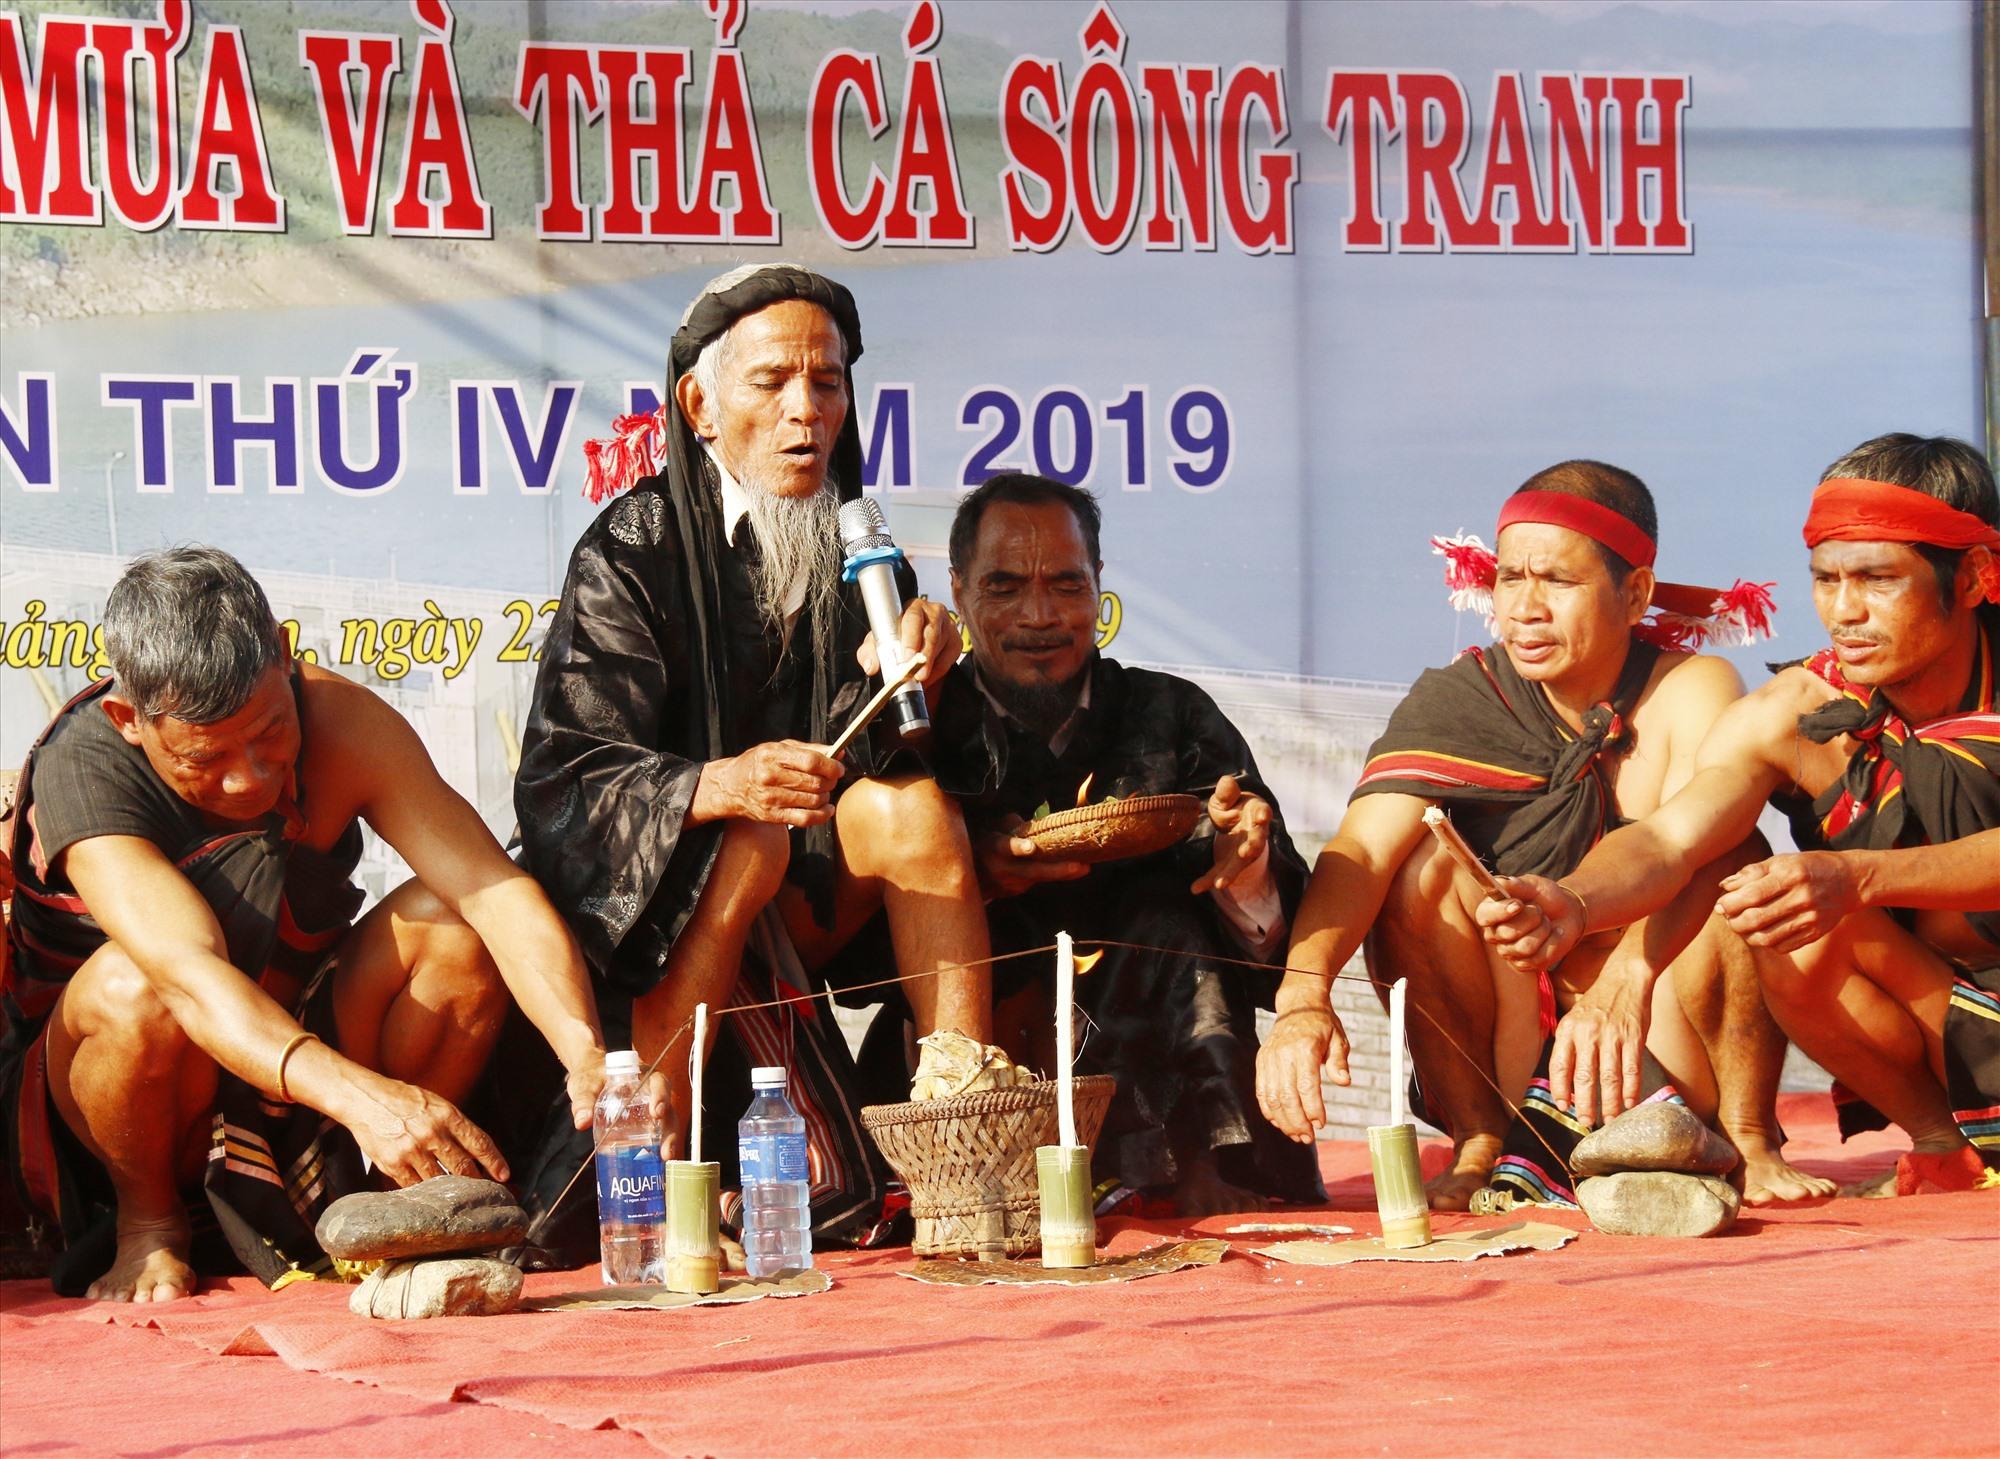 UBND huyện Bắc Trà My tổ chức tái hiện lại lễ hội cầu mưa truyền thống tại lễ thả cá trên lòng hồ thủy điện Sông Tranh 2 đầu năm 2018. Ảnh: N.Đ